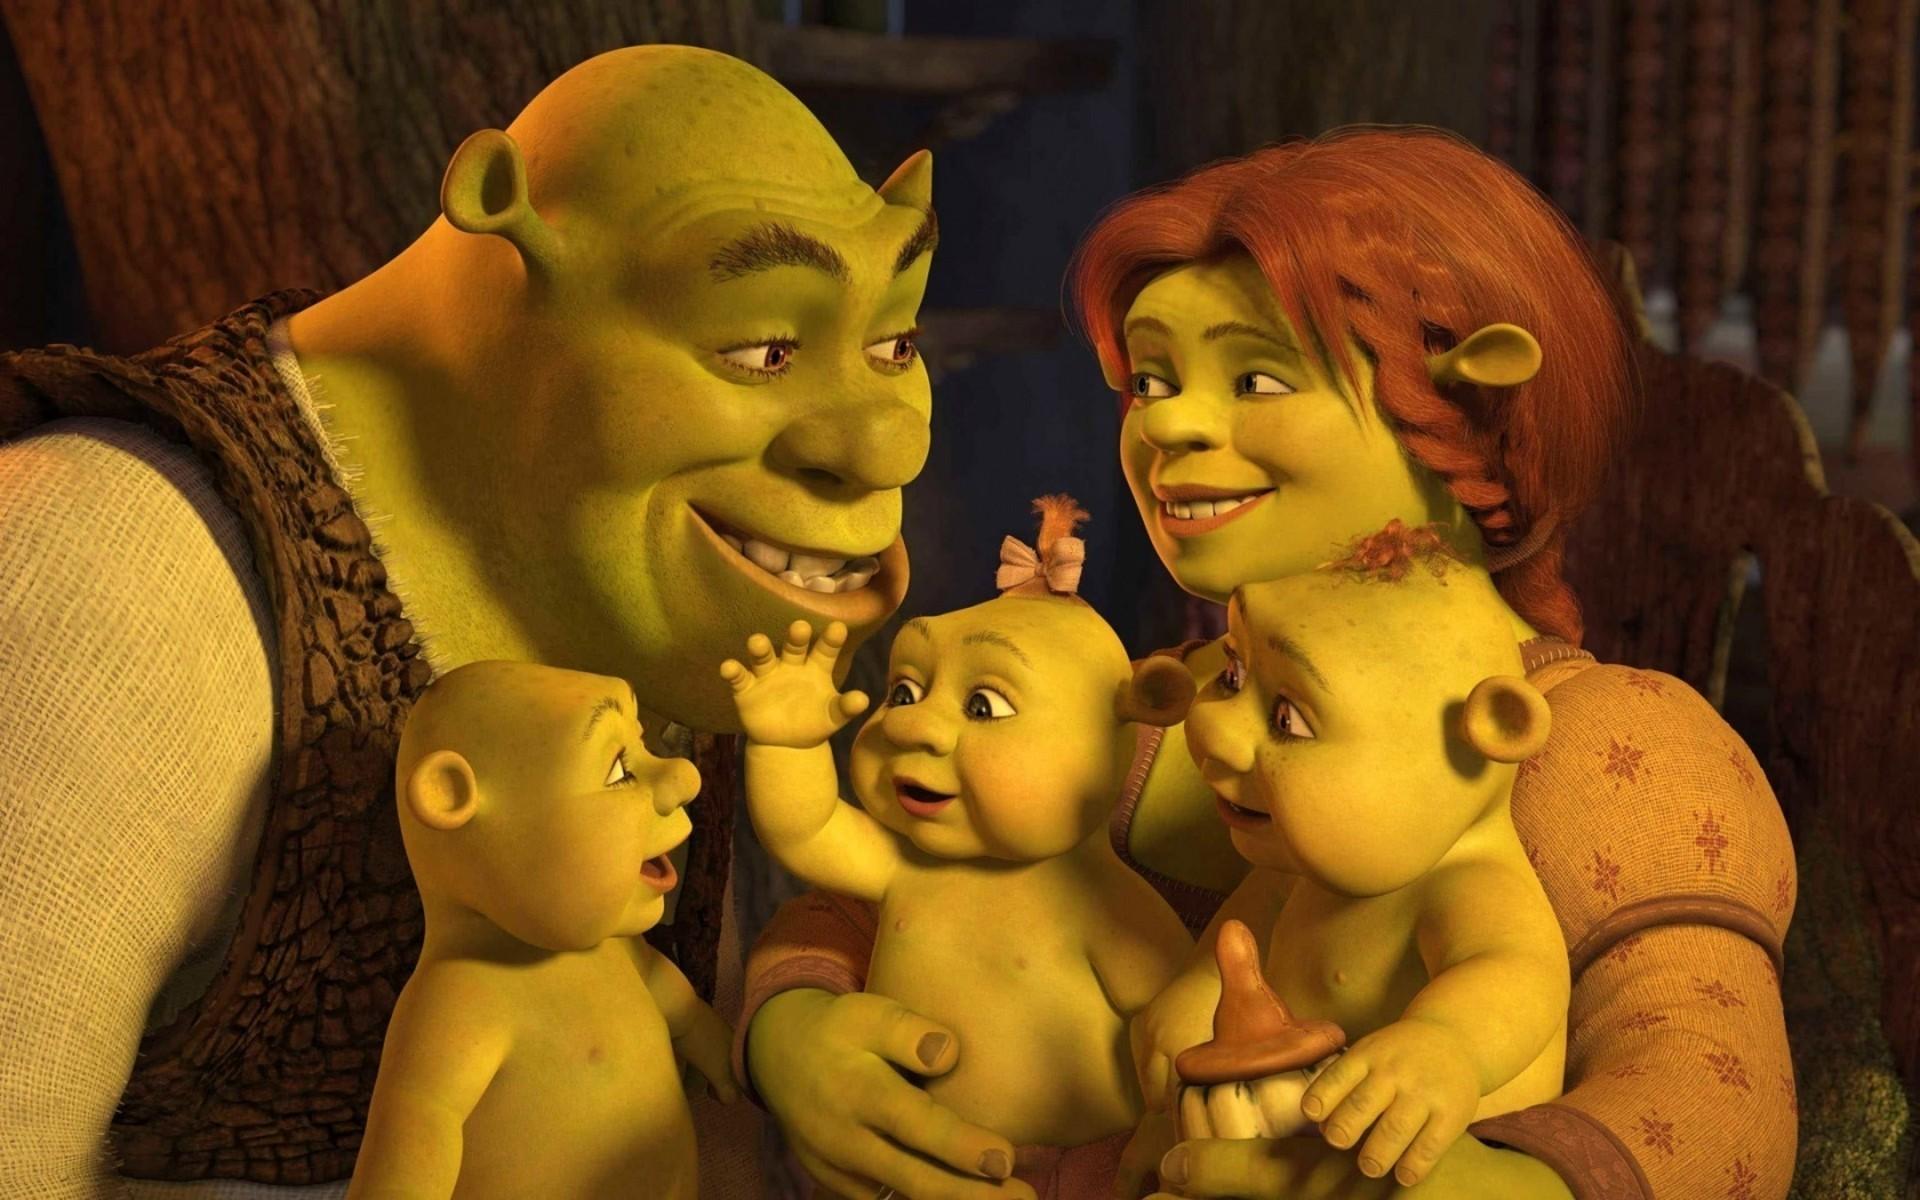 Shrek's family wallpaper #9112